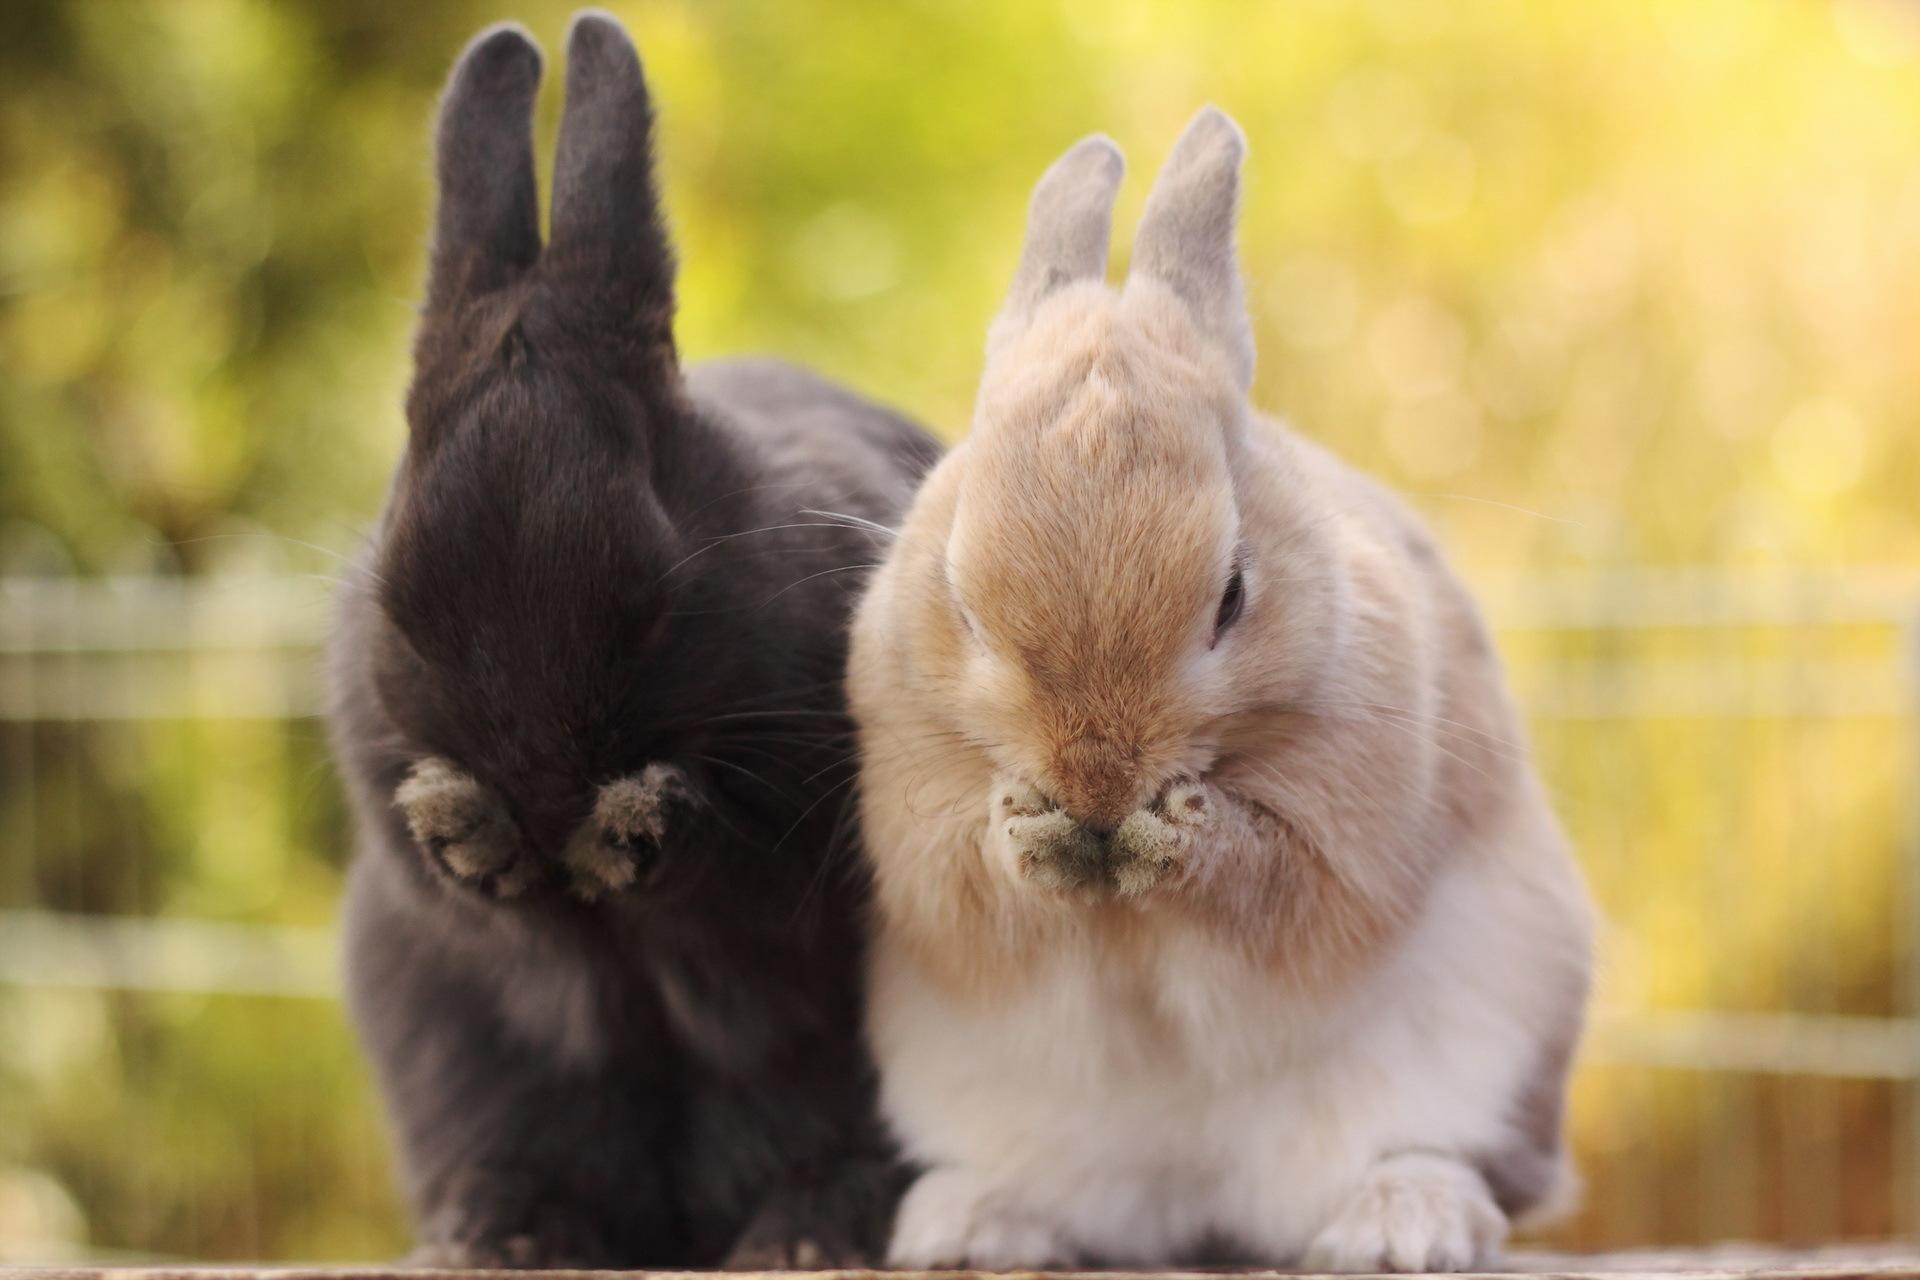 壁紙 ネズミ目 ウサギ 動物 ダウンロード 写真